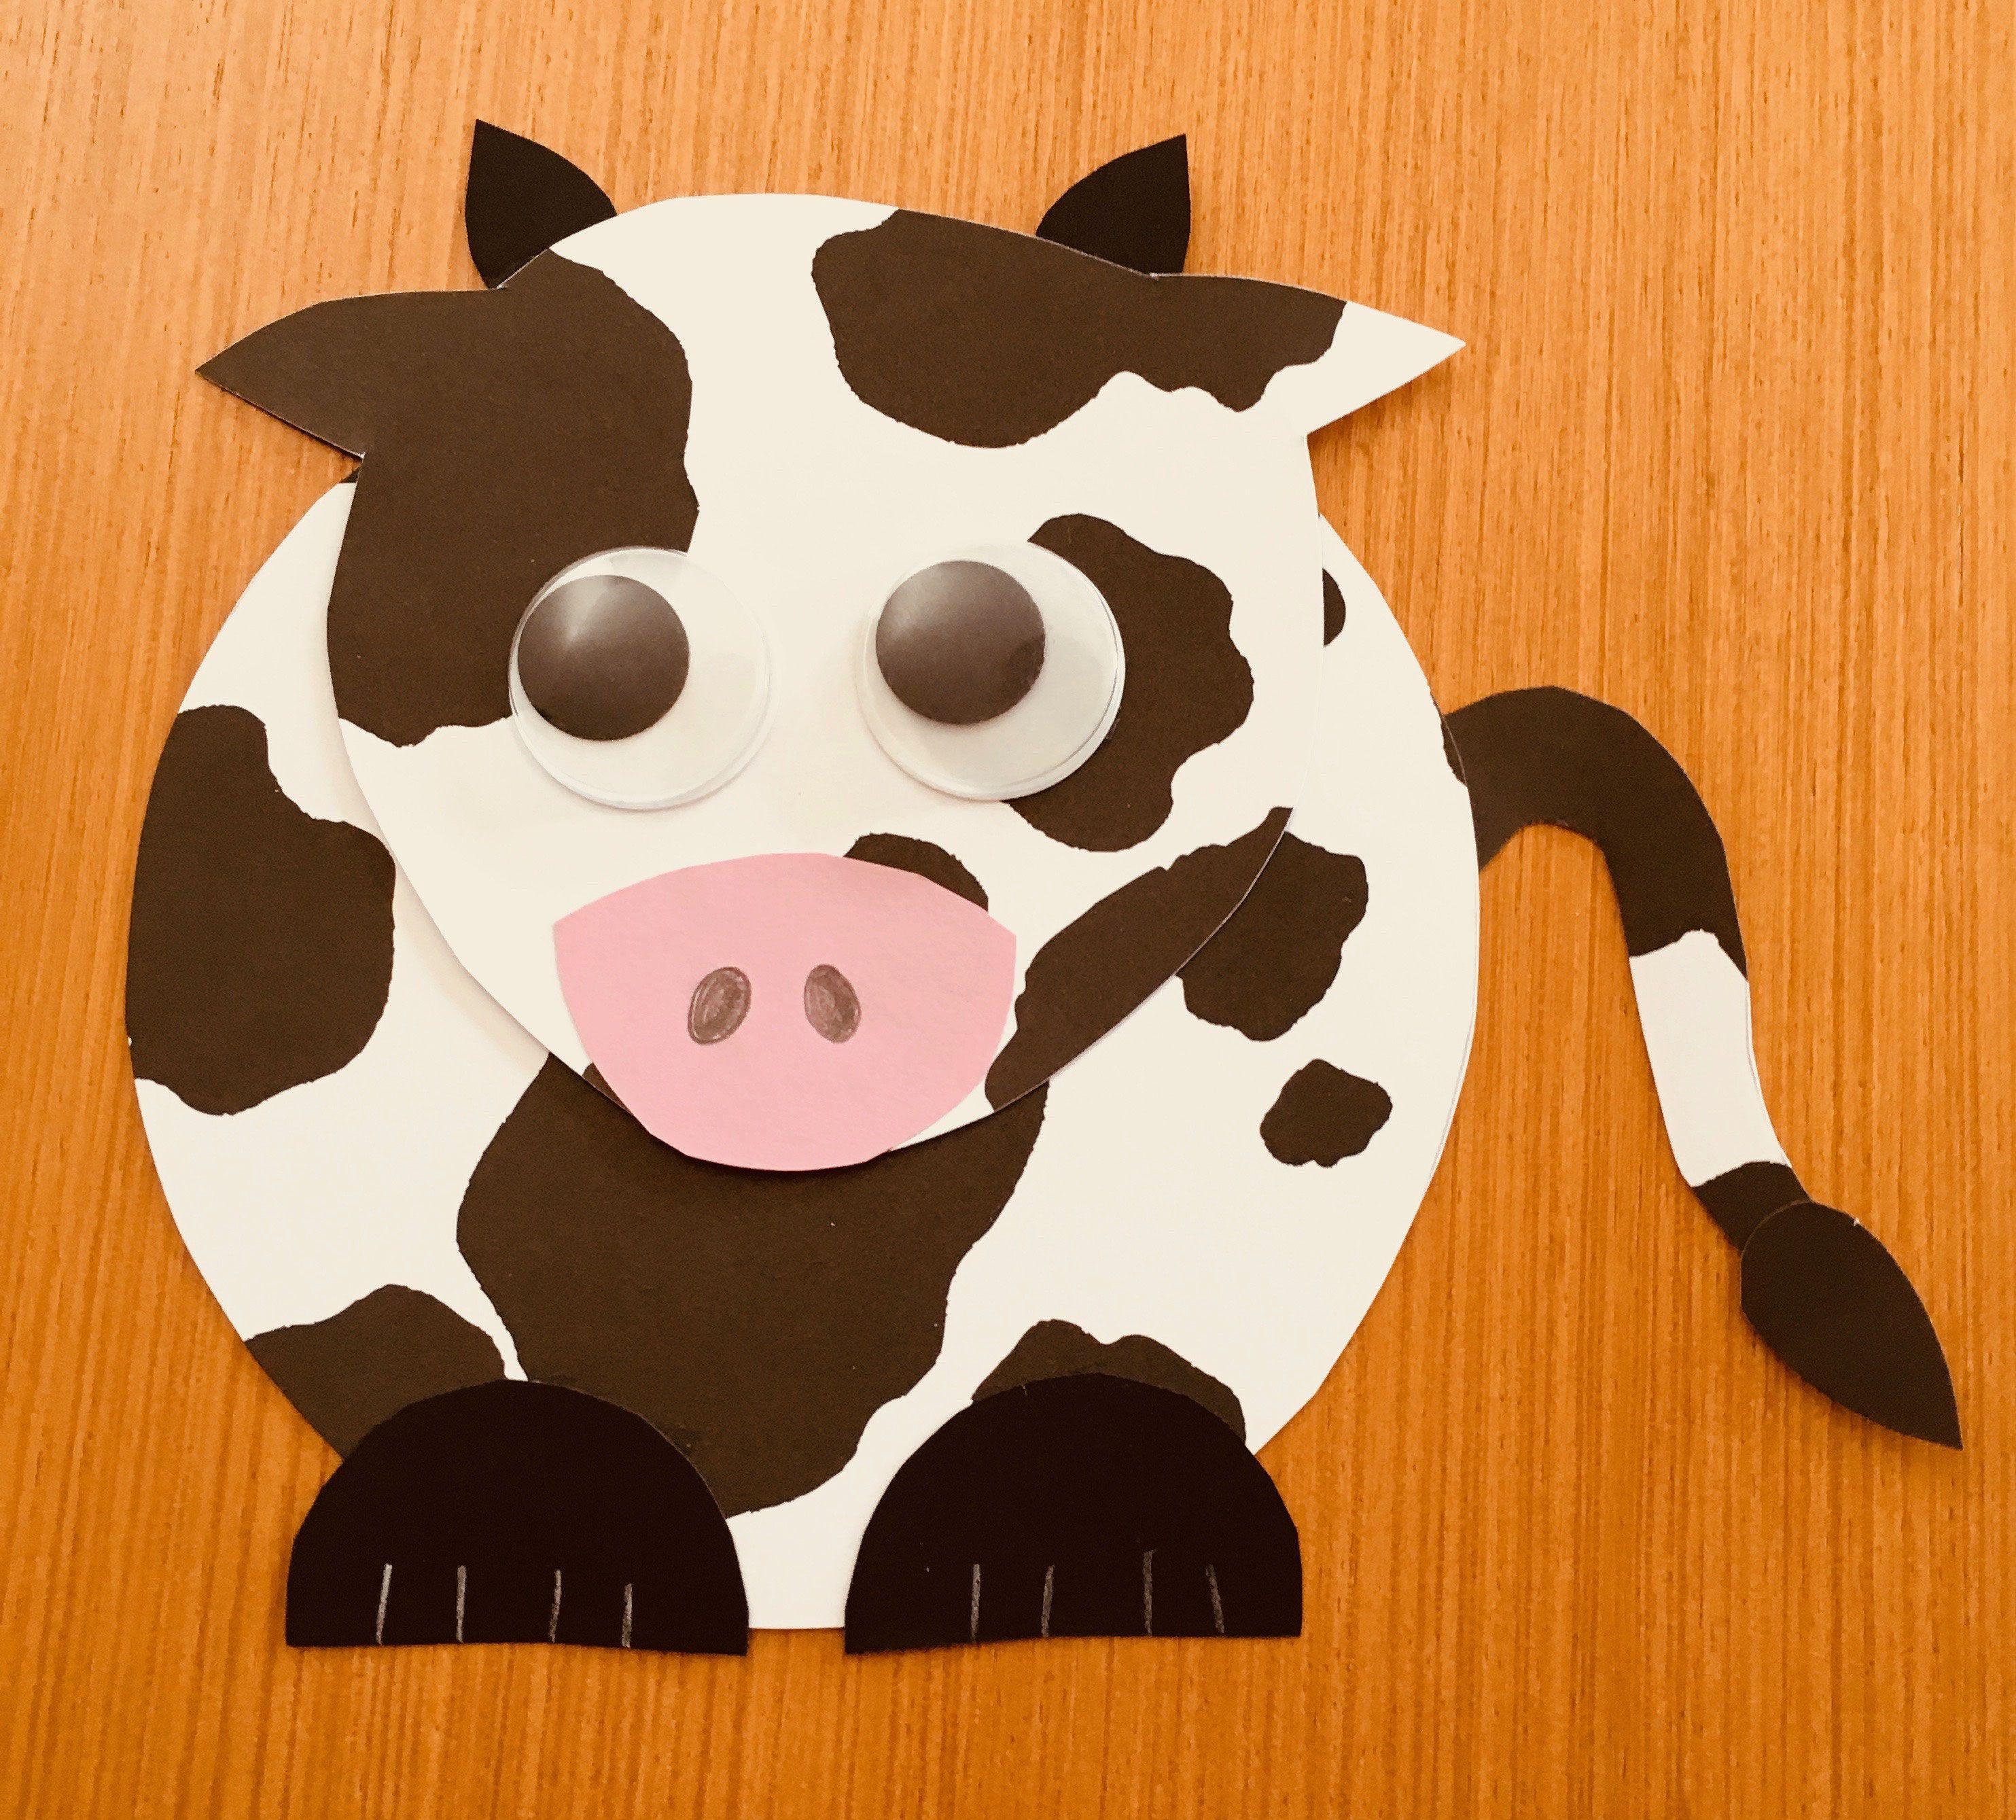 Bastelideen Basteln Einer Kuh Vorschule Bastelideen Basteln Einer Kuh Vorschule Karneval In 2020 Basteln Mit Eisstielen Maus Handwerk Steckenpferd Basteln